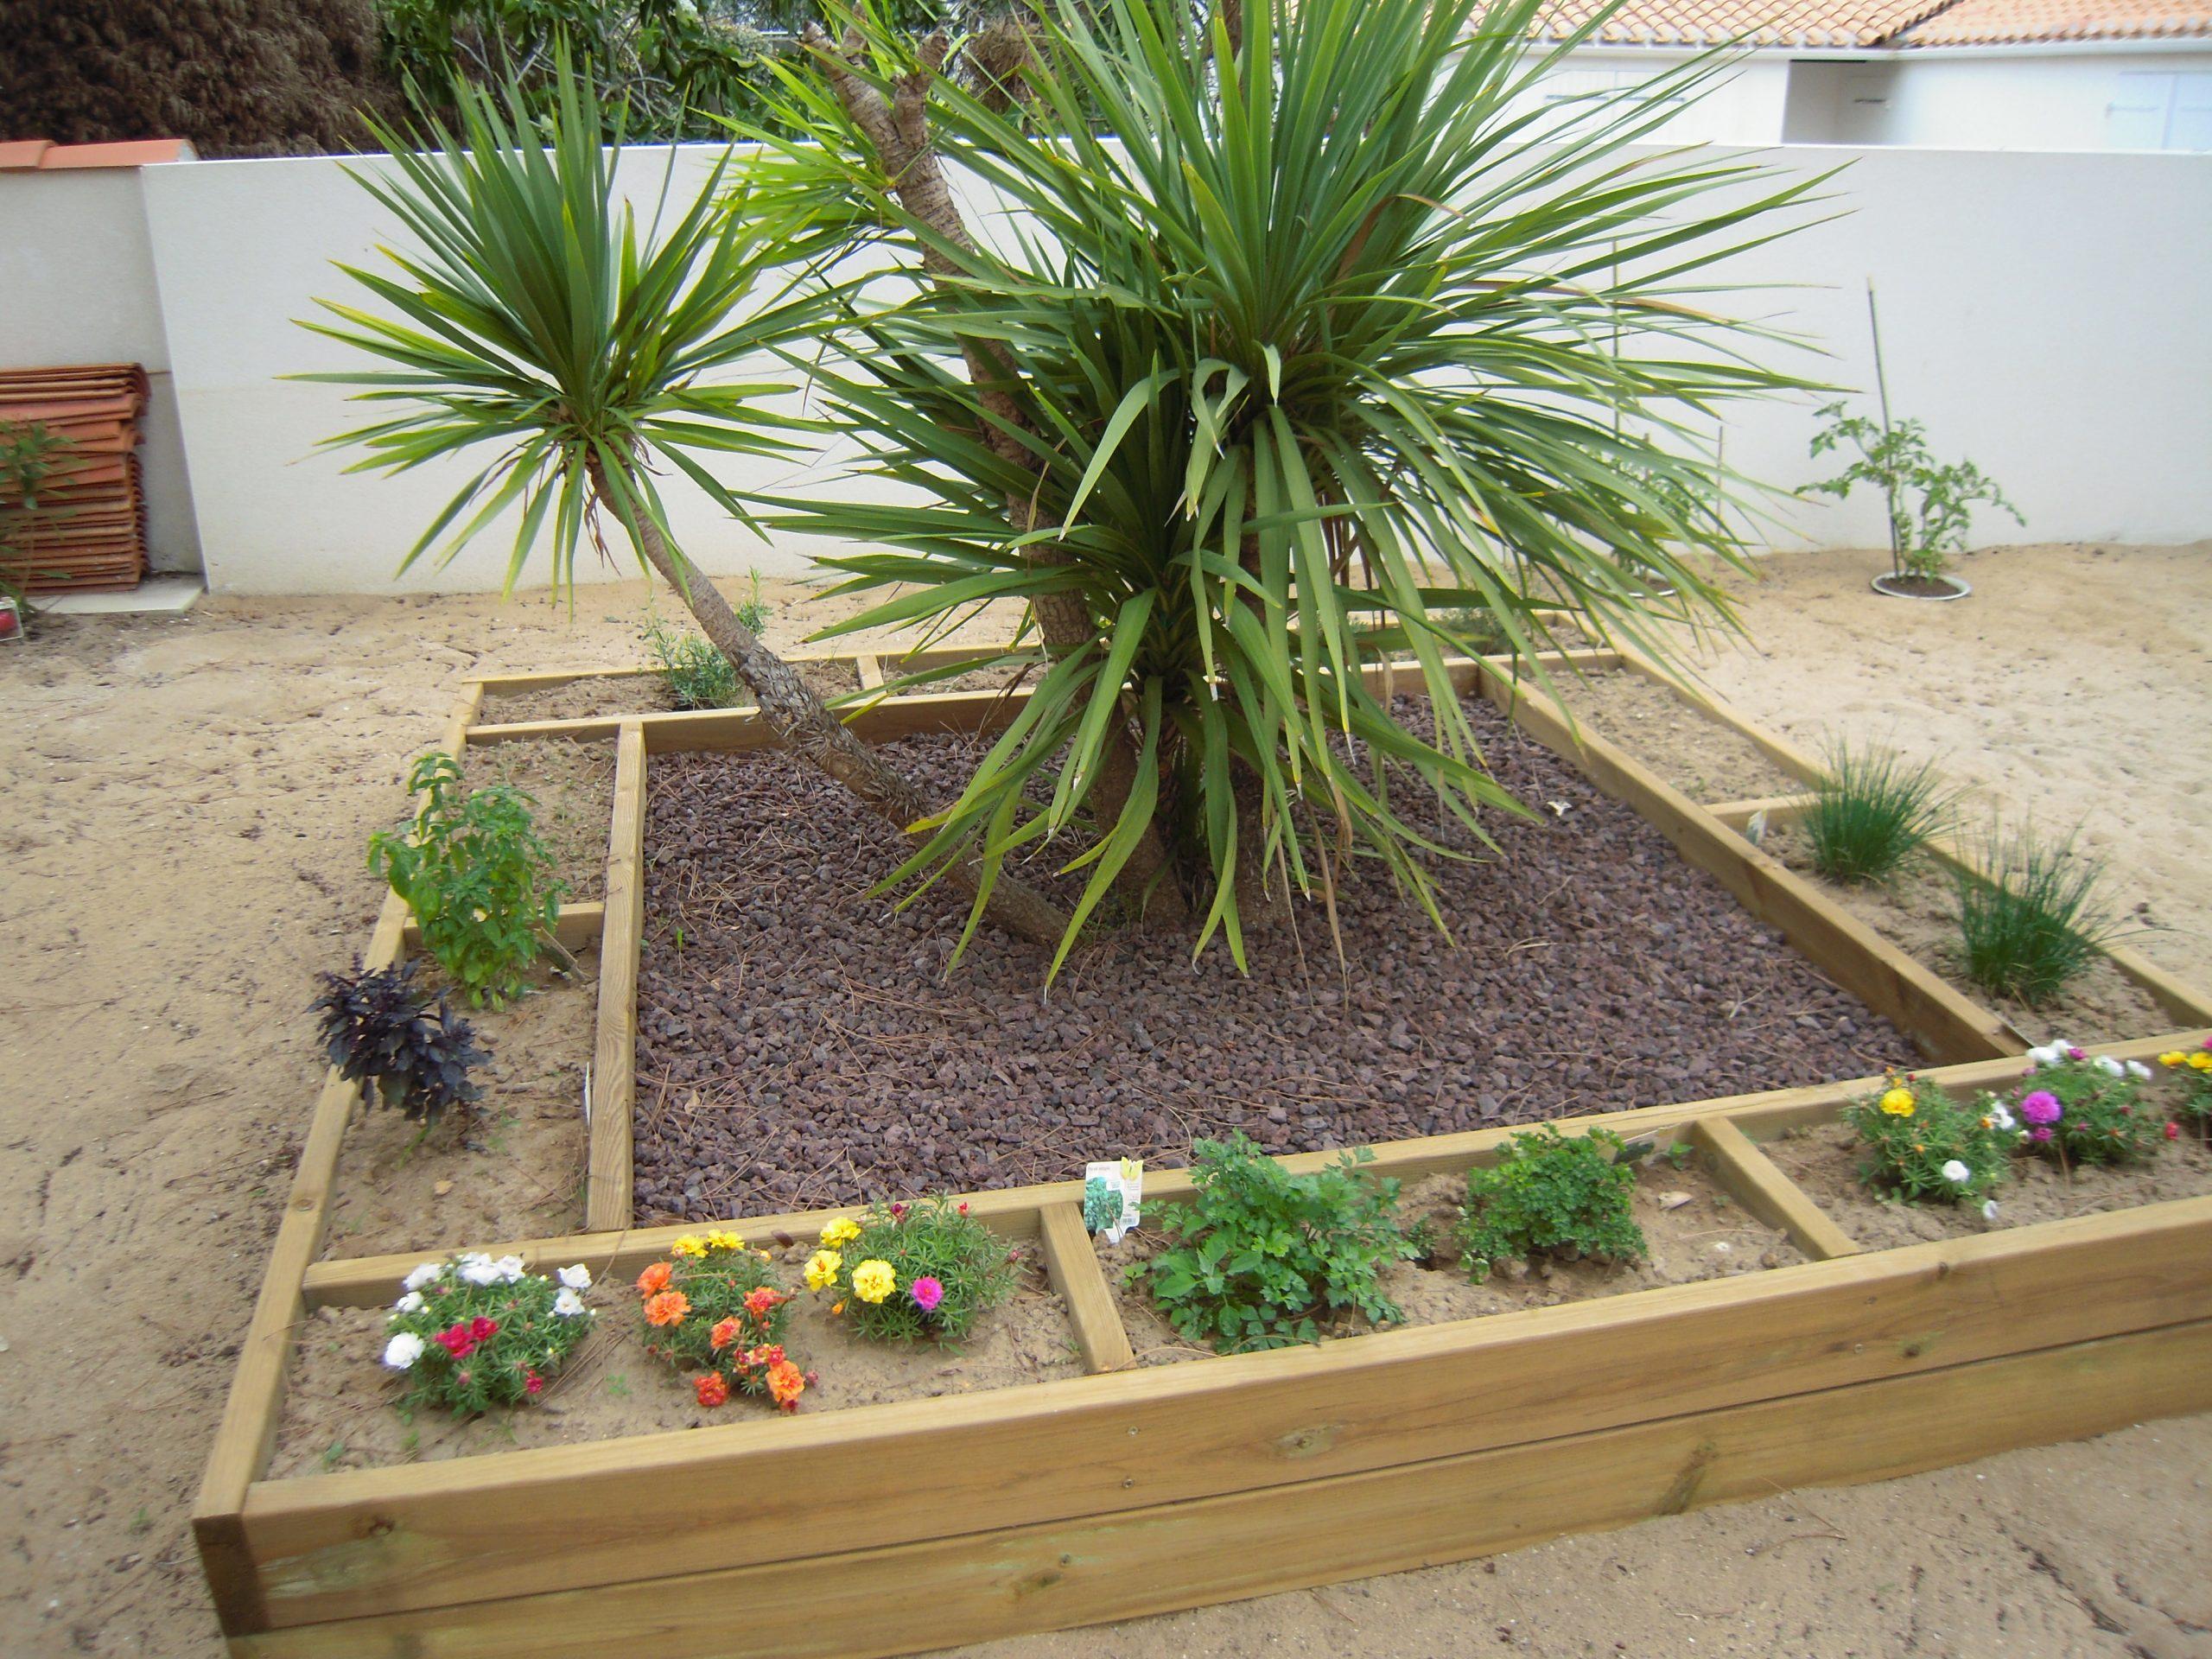 Bordures - Lerouvillois S. Aménagement De Jardins encequiconcerne Bordure Rondin